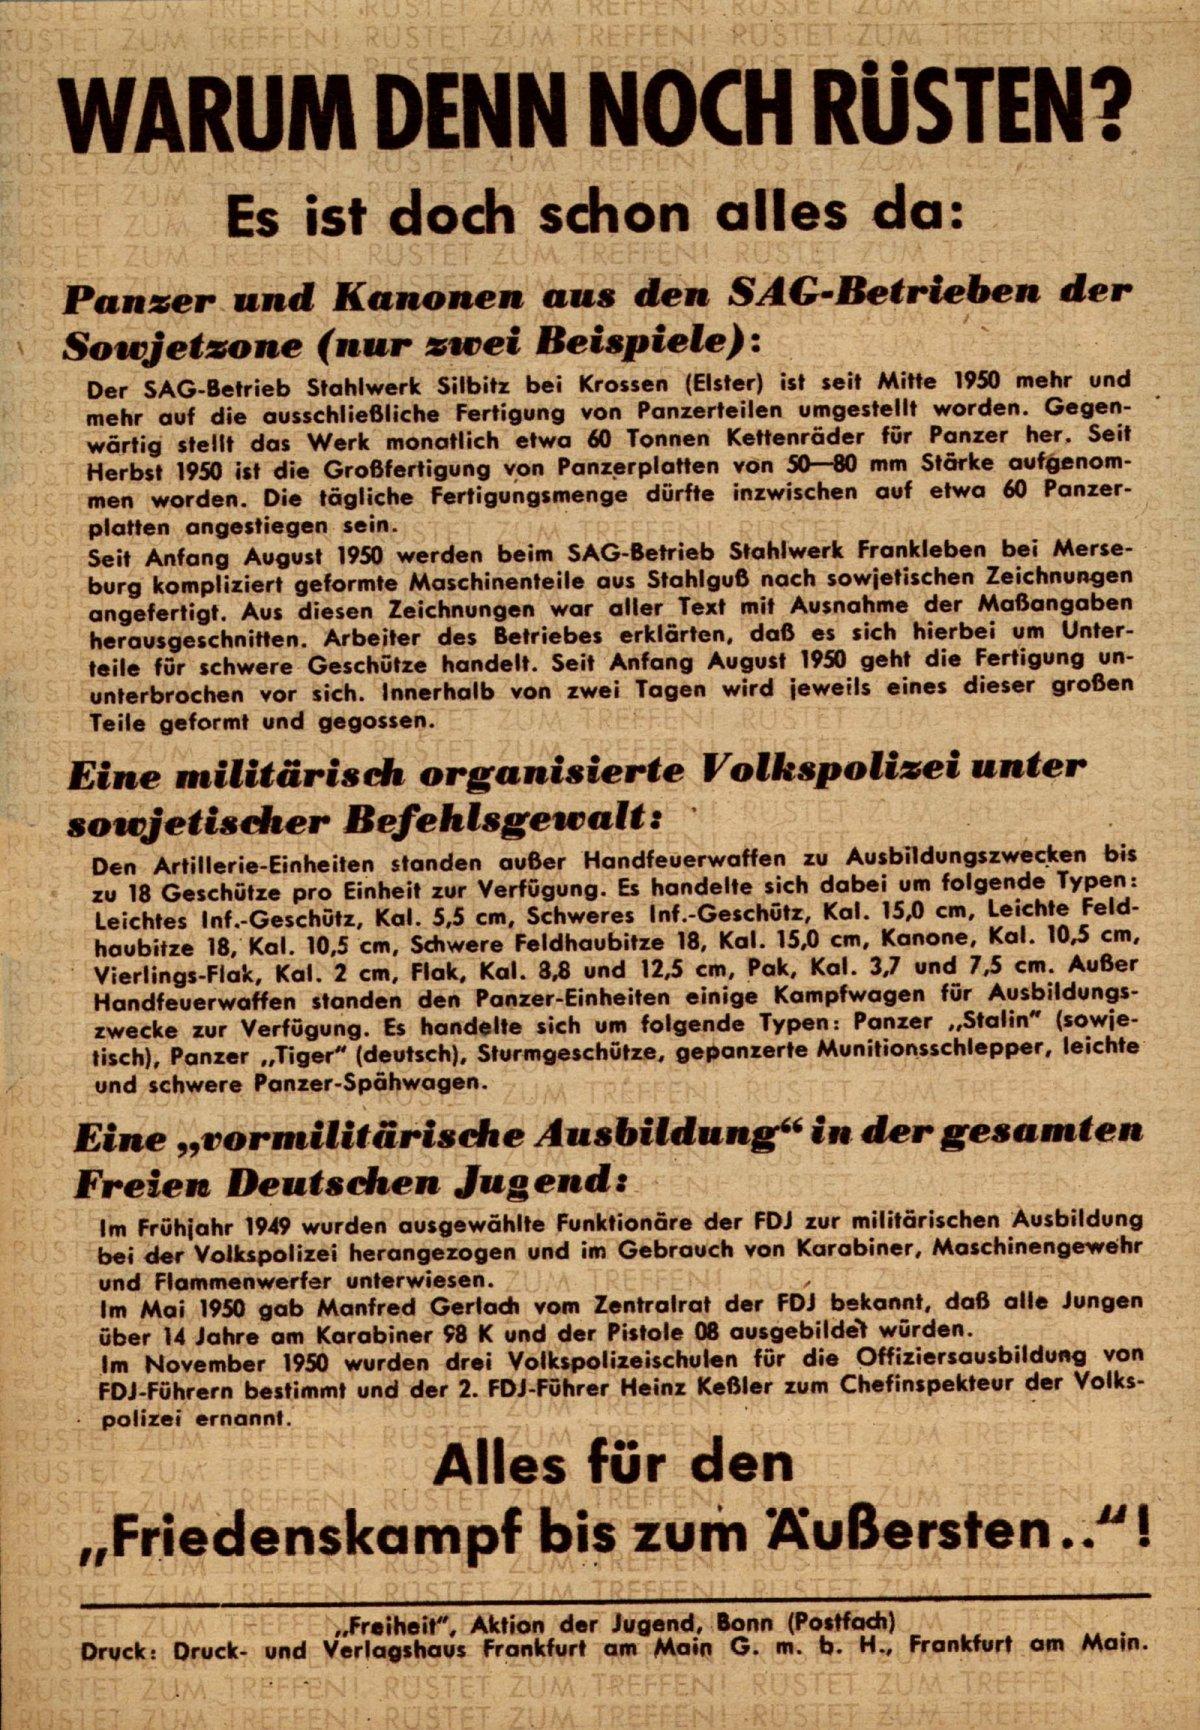 Jugend nach dem Krieg | Jugendopposition in der DDR